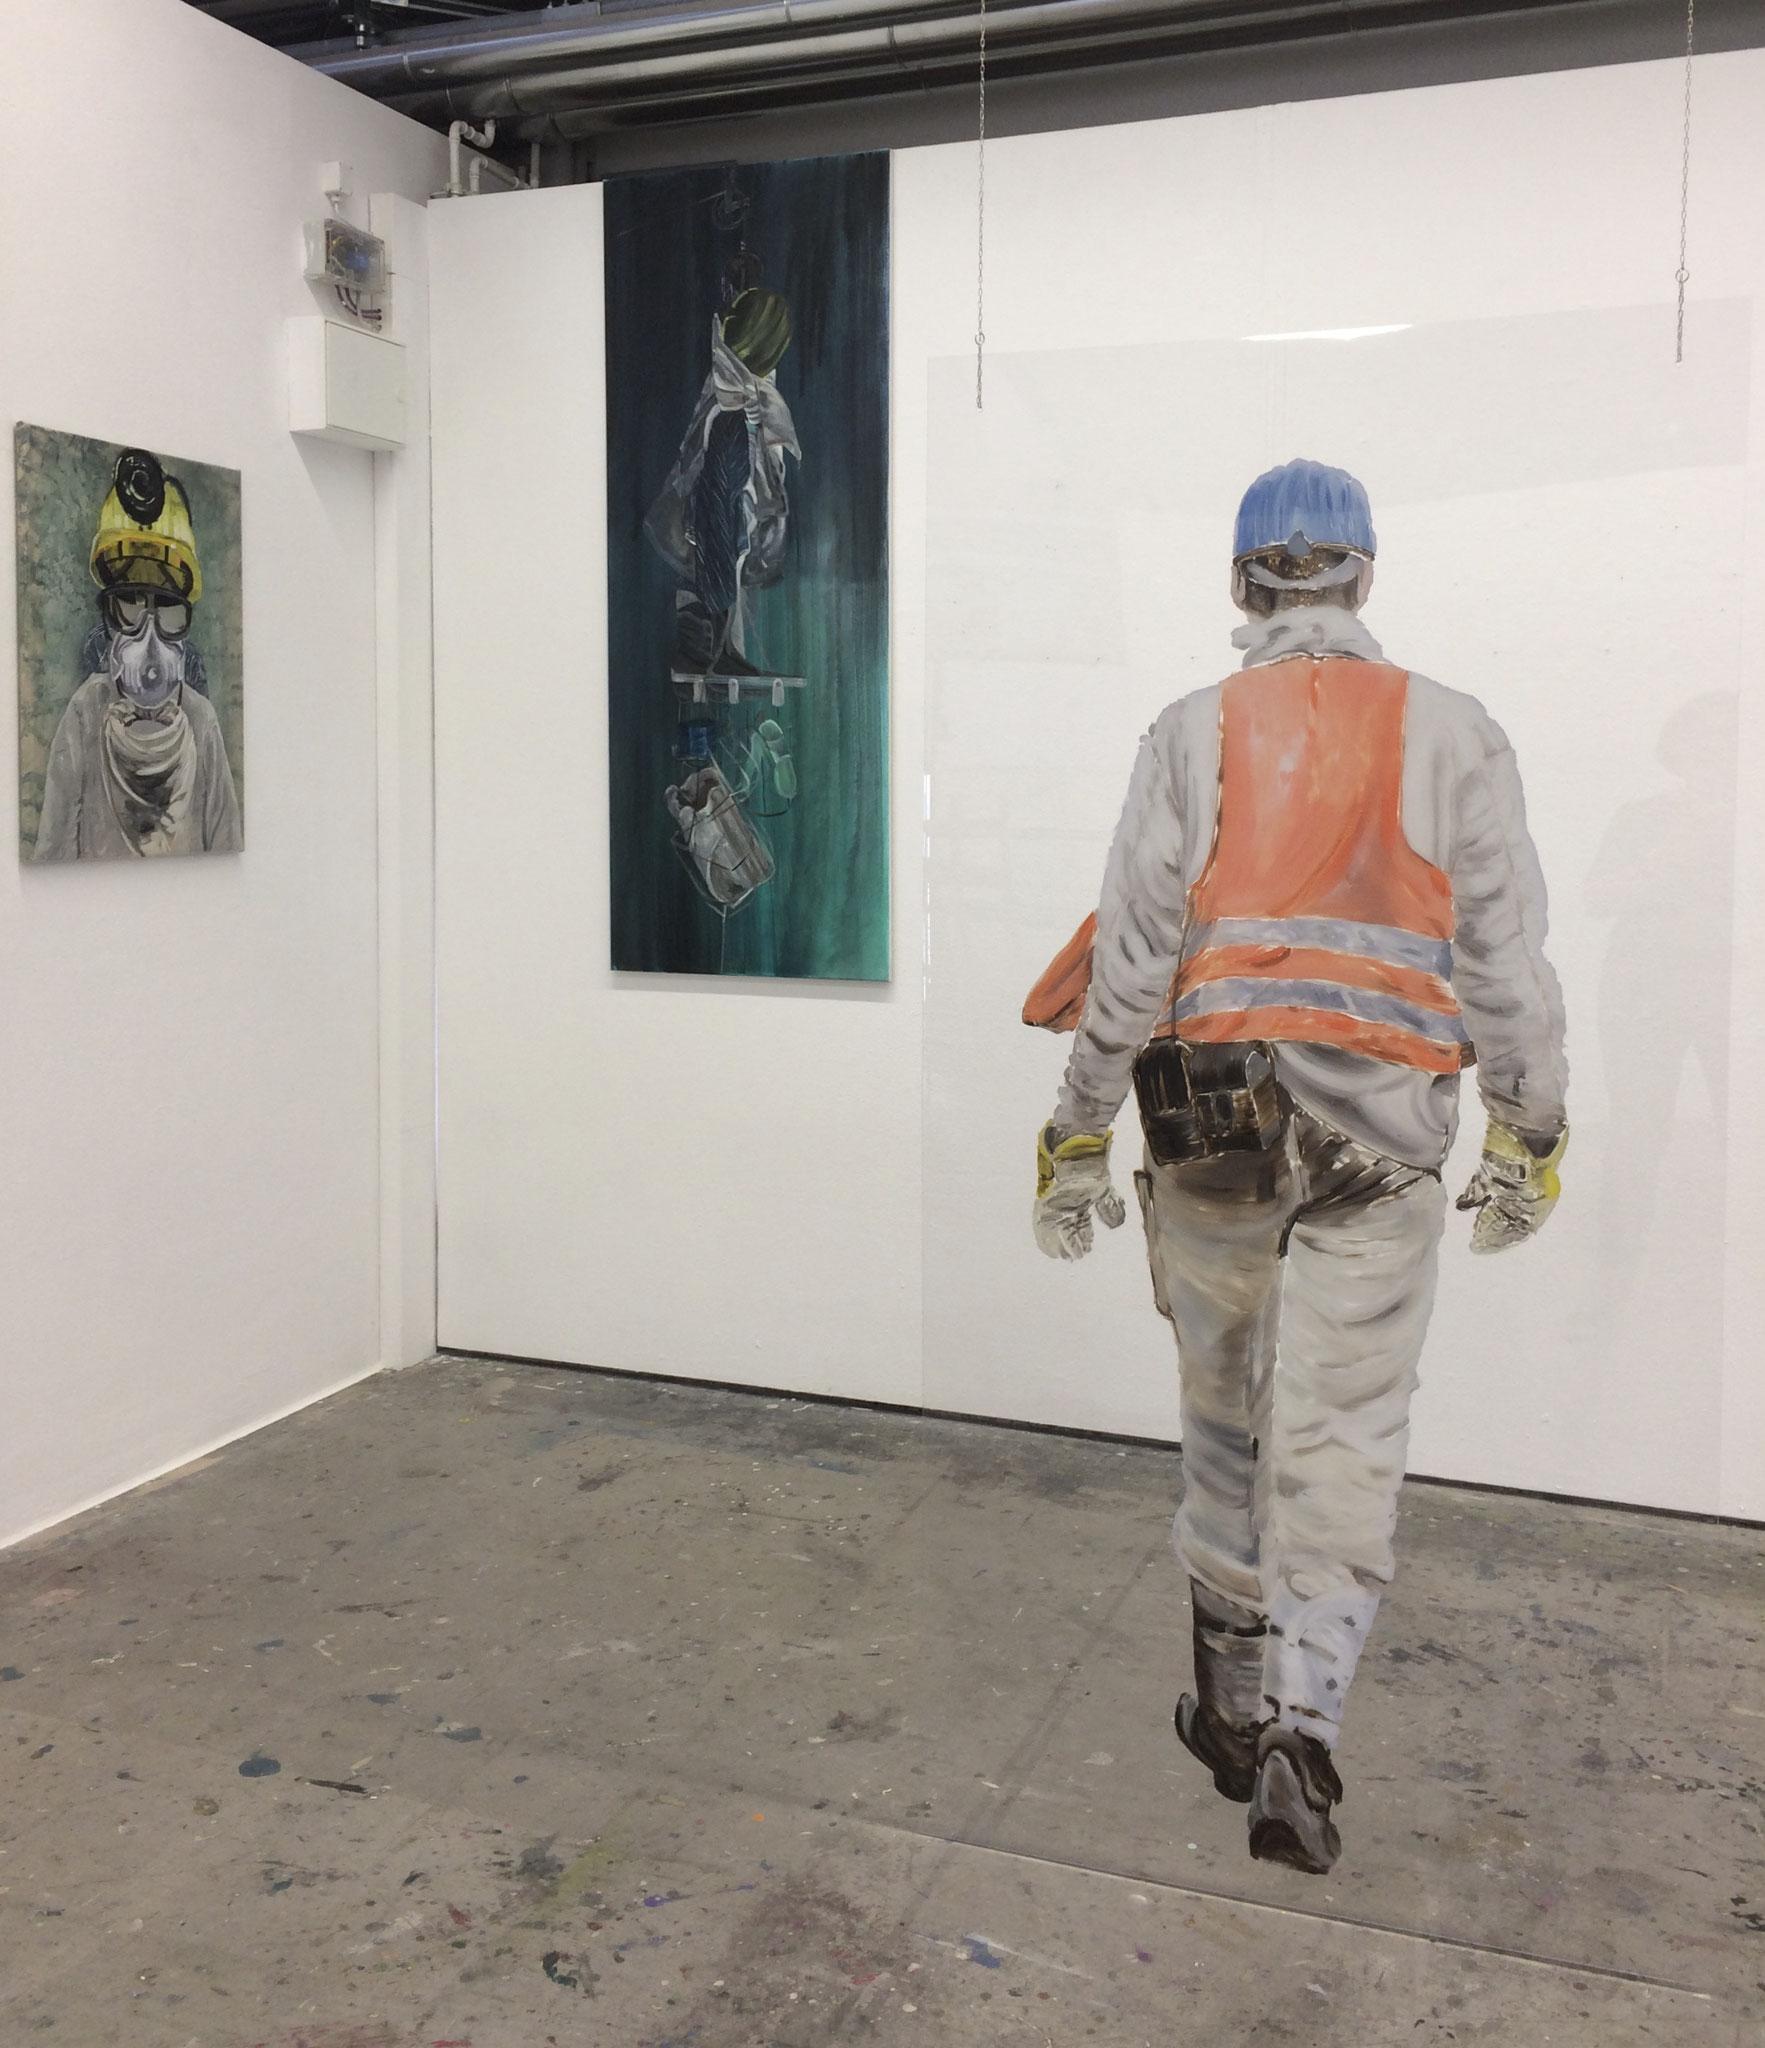 The last pitman, Acryl/Tusche auf PE-Folien, 80x60; Acryl auf LW, 180x70; Öl auf Kunstglas 200x100cm 2019 (Ausstellungsansicht)